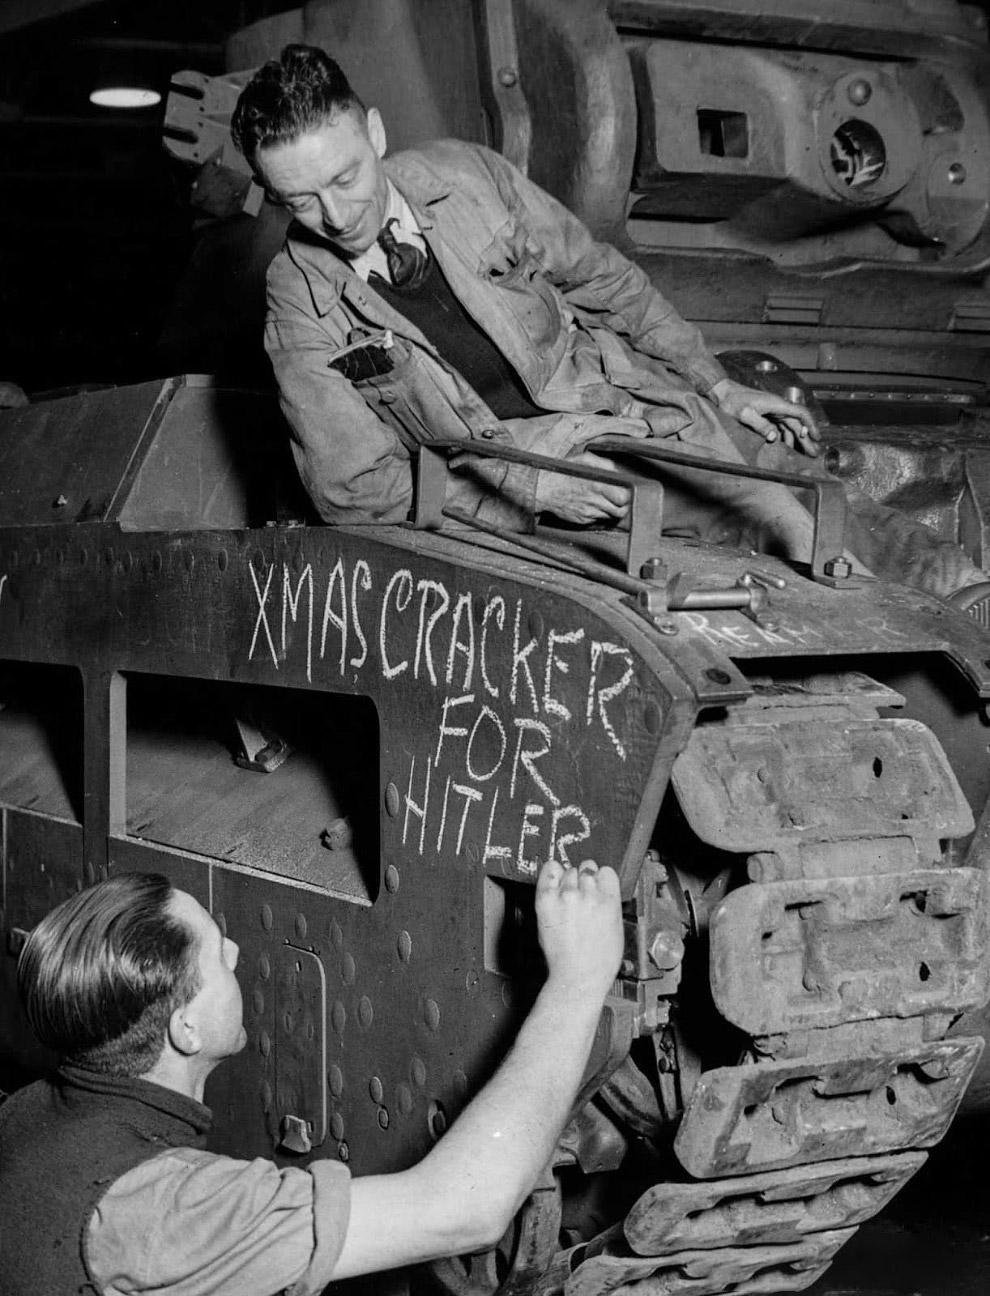 Британские рабочие оставляют послание на танке «Рождественская хлопушка для Гитлера». 1941 г.